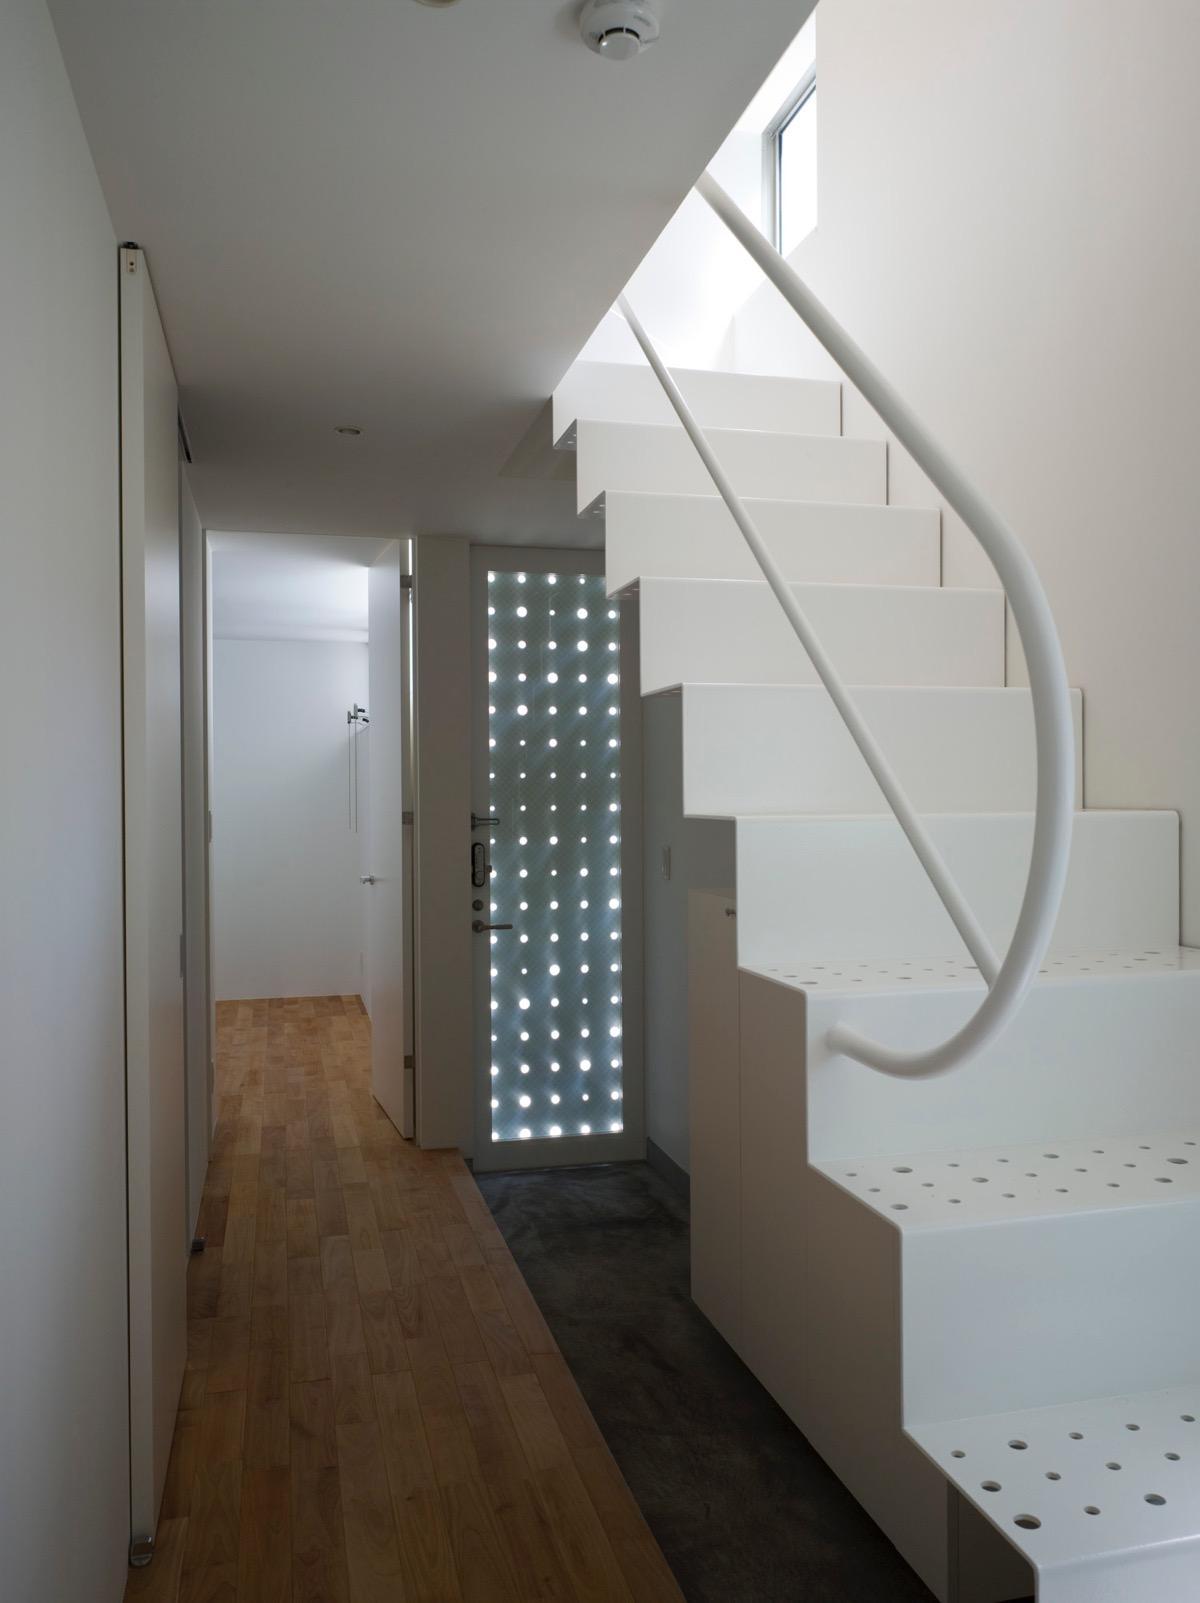 三ツ沢中町の住宅の部屋 光が漏れる玄関扉